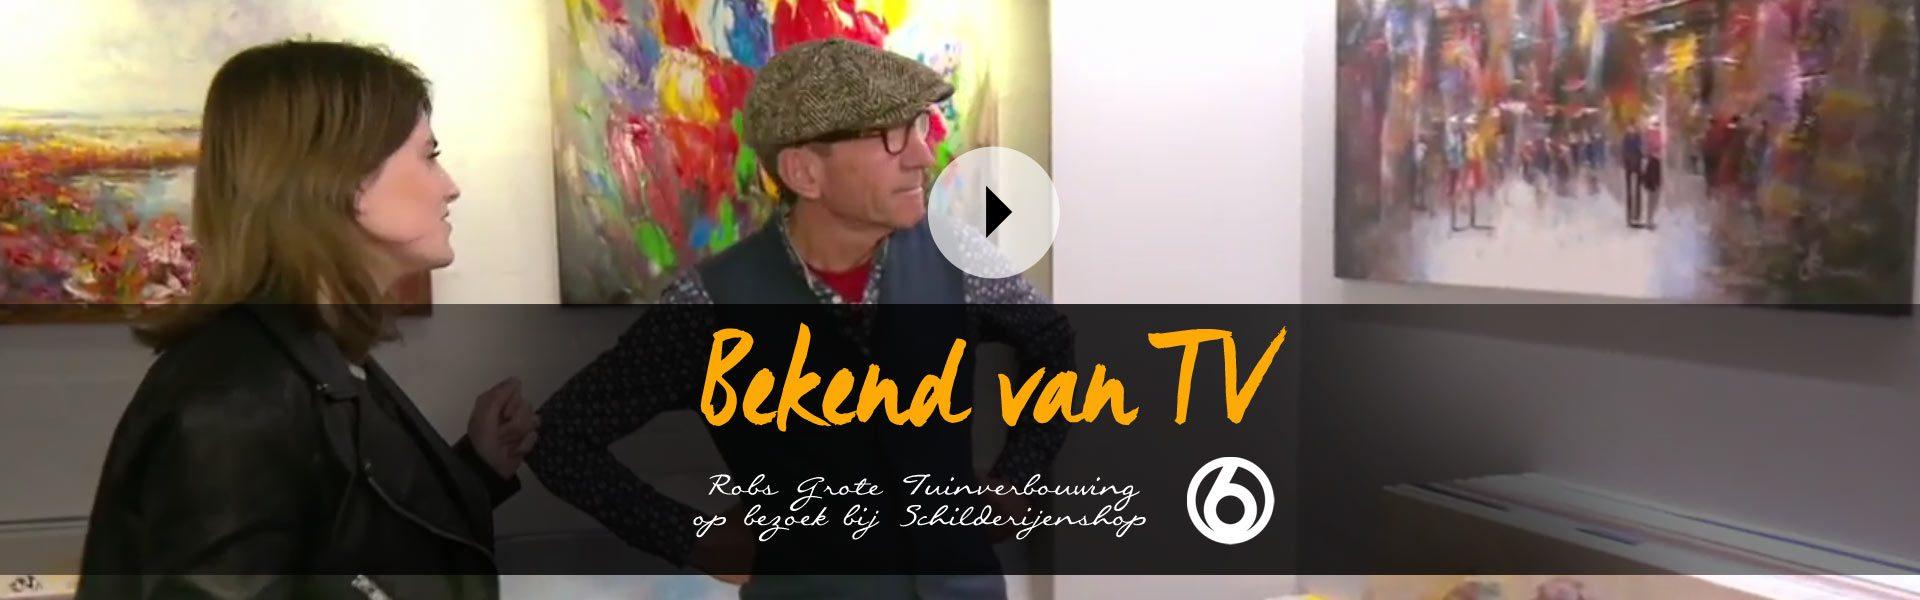 Schilderijen bekend van TV